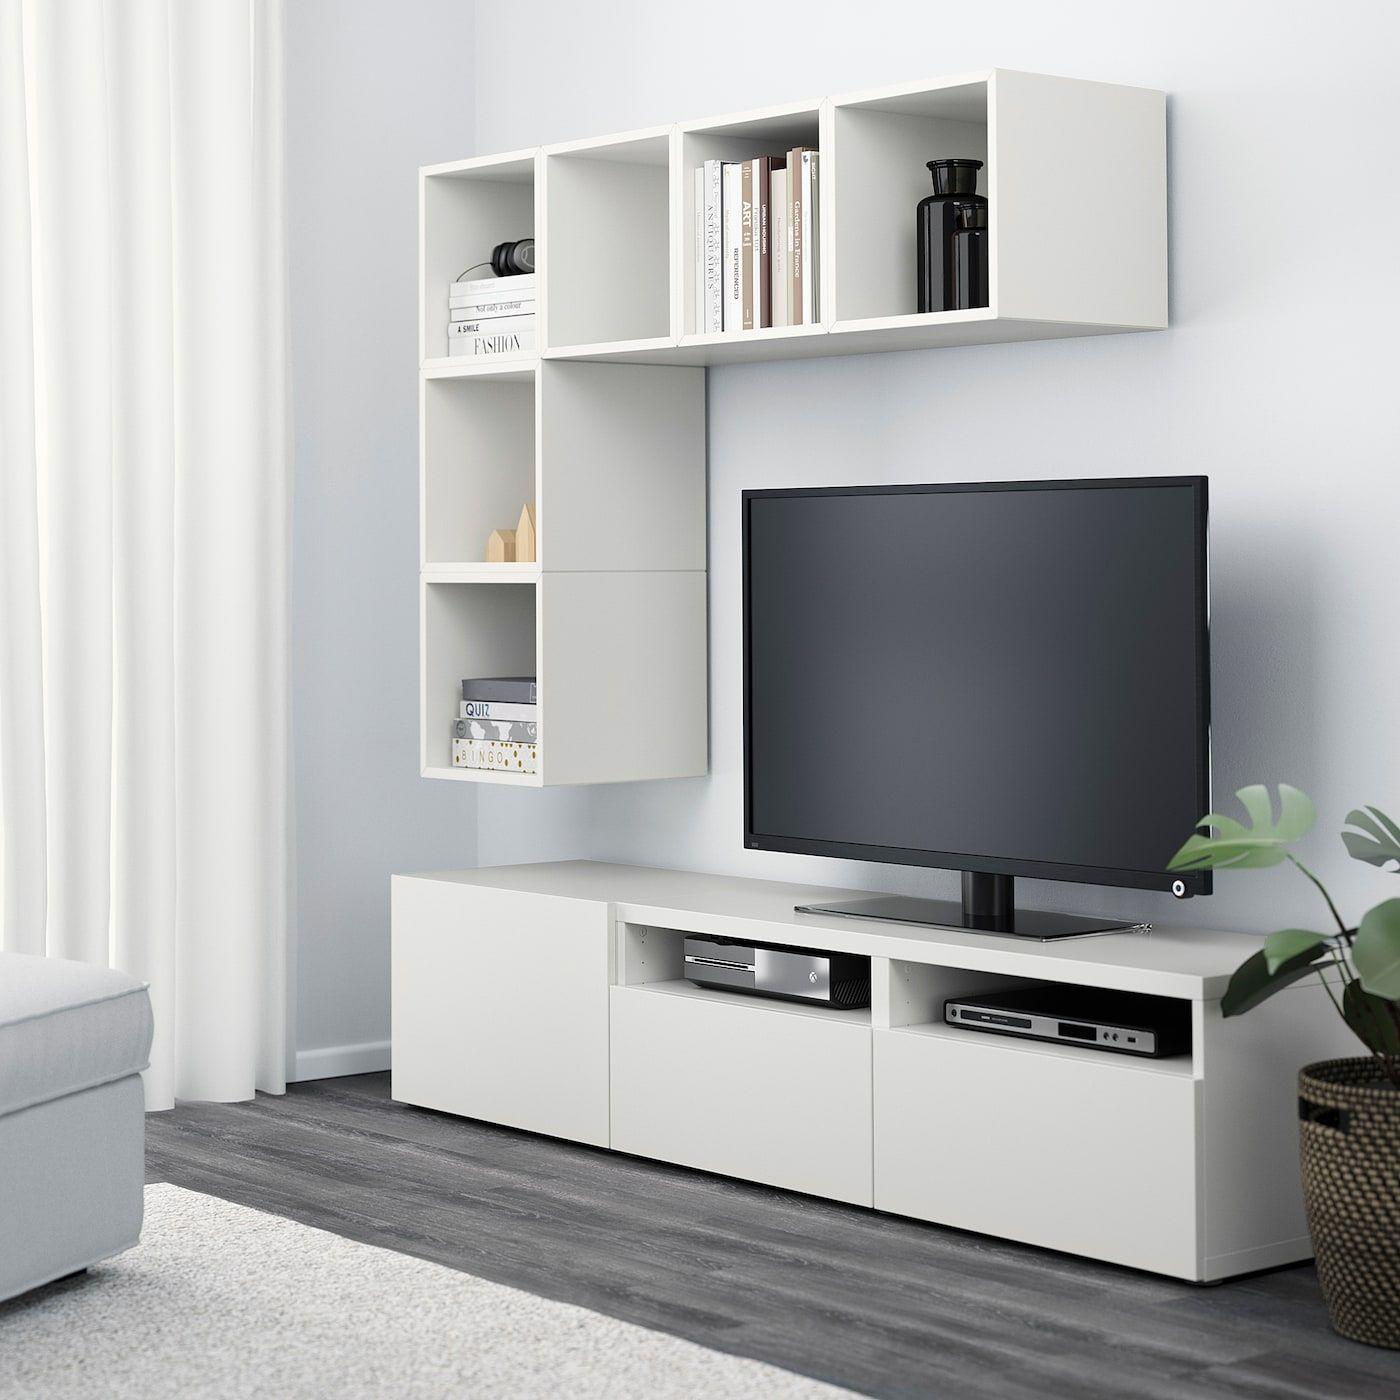 Meuble Tv Colonne Ikea ikea - bestÅ / eket tv storage combination white in 2020